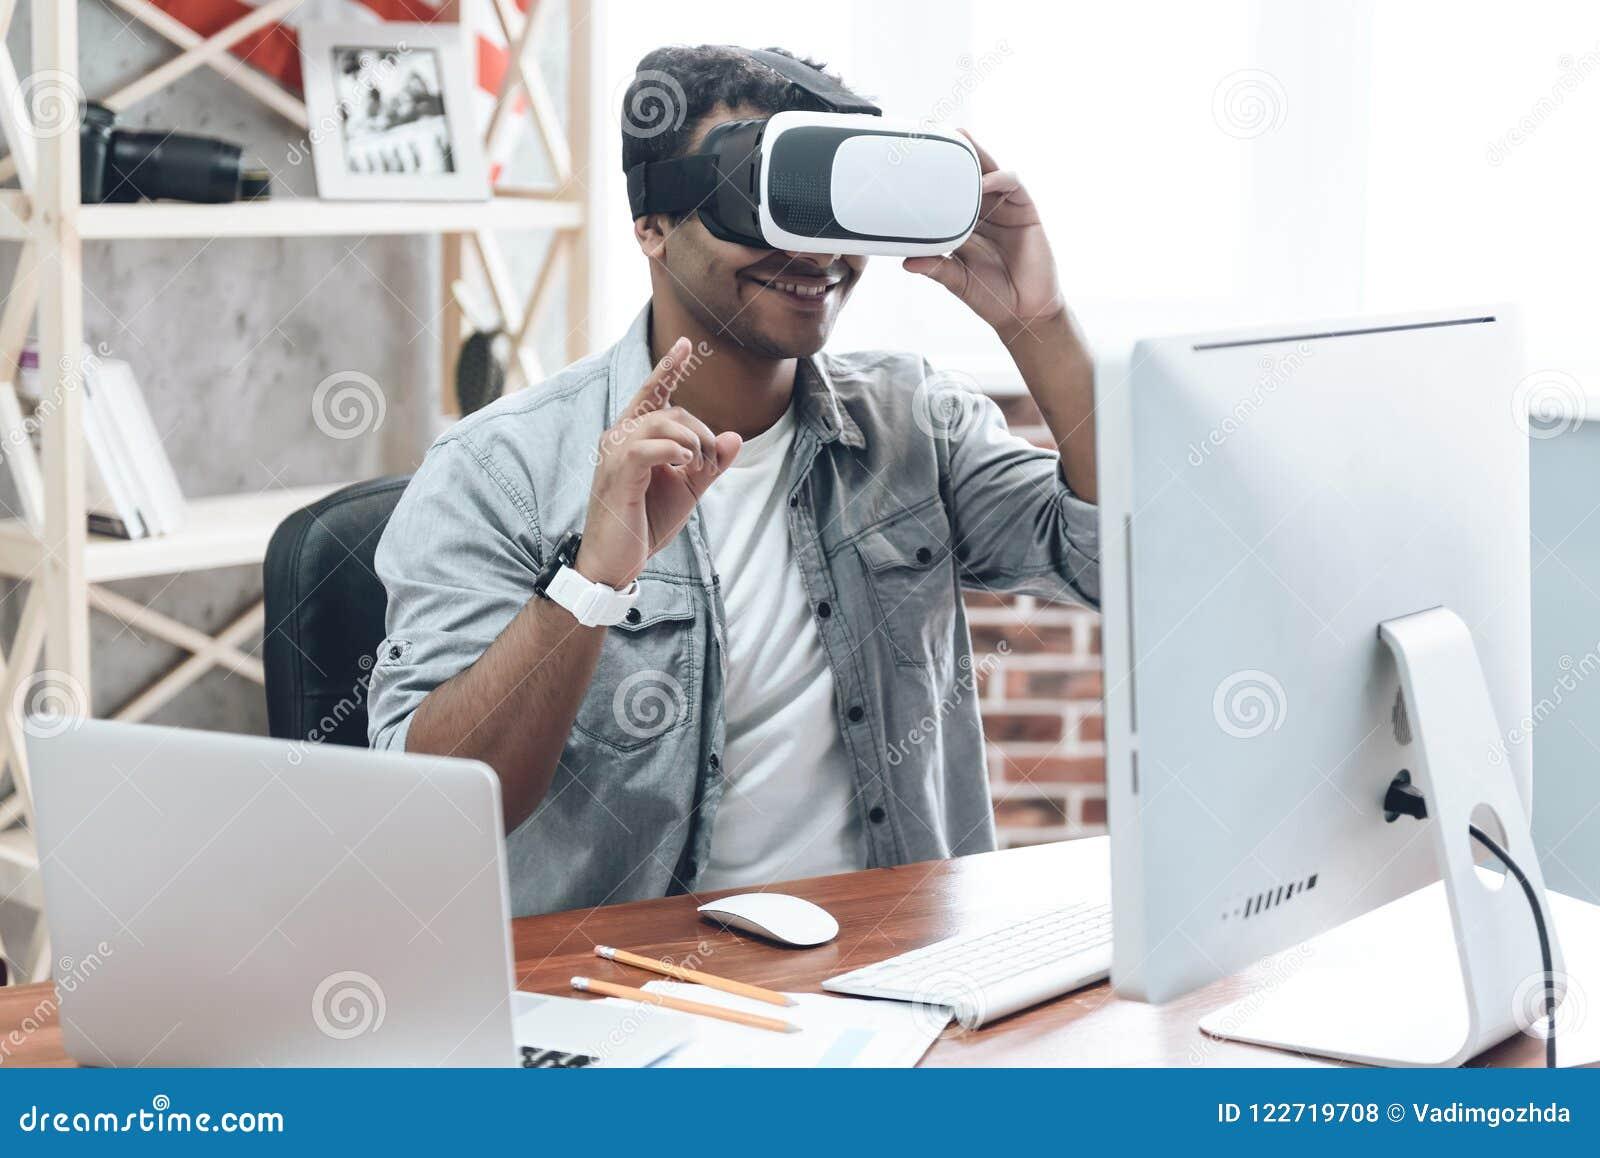 Glücklicher indischer junger Mann zu Hause in VR-Gläsern